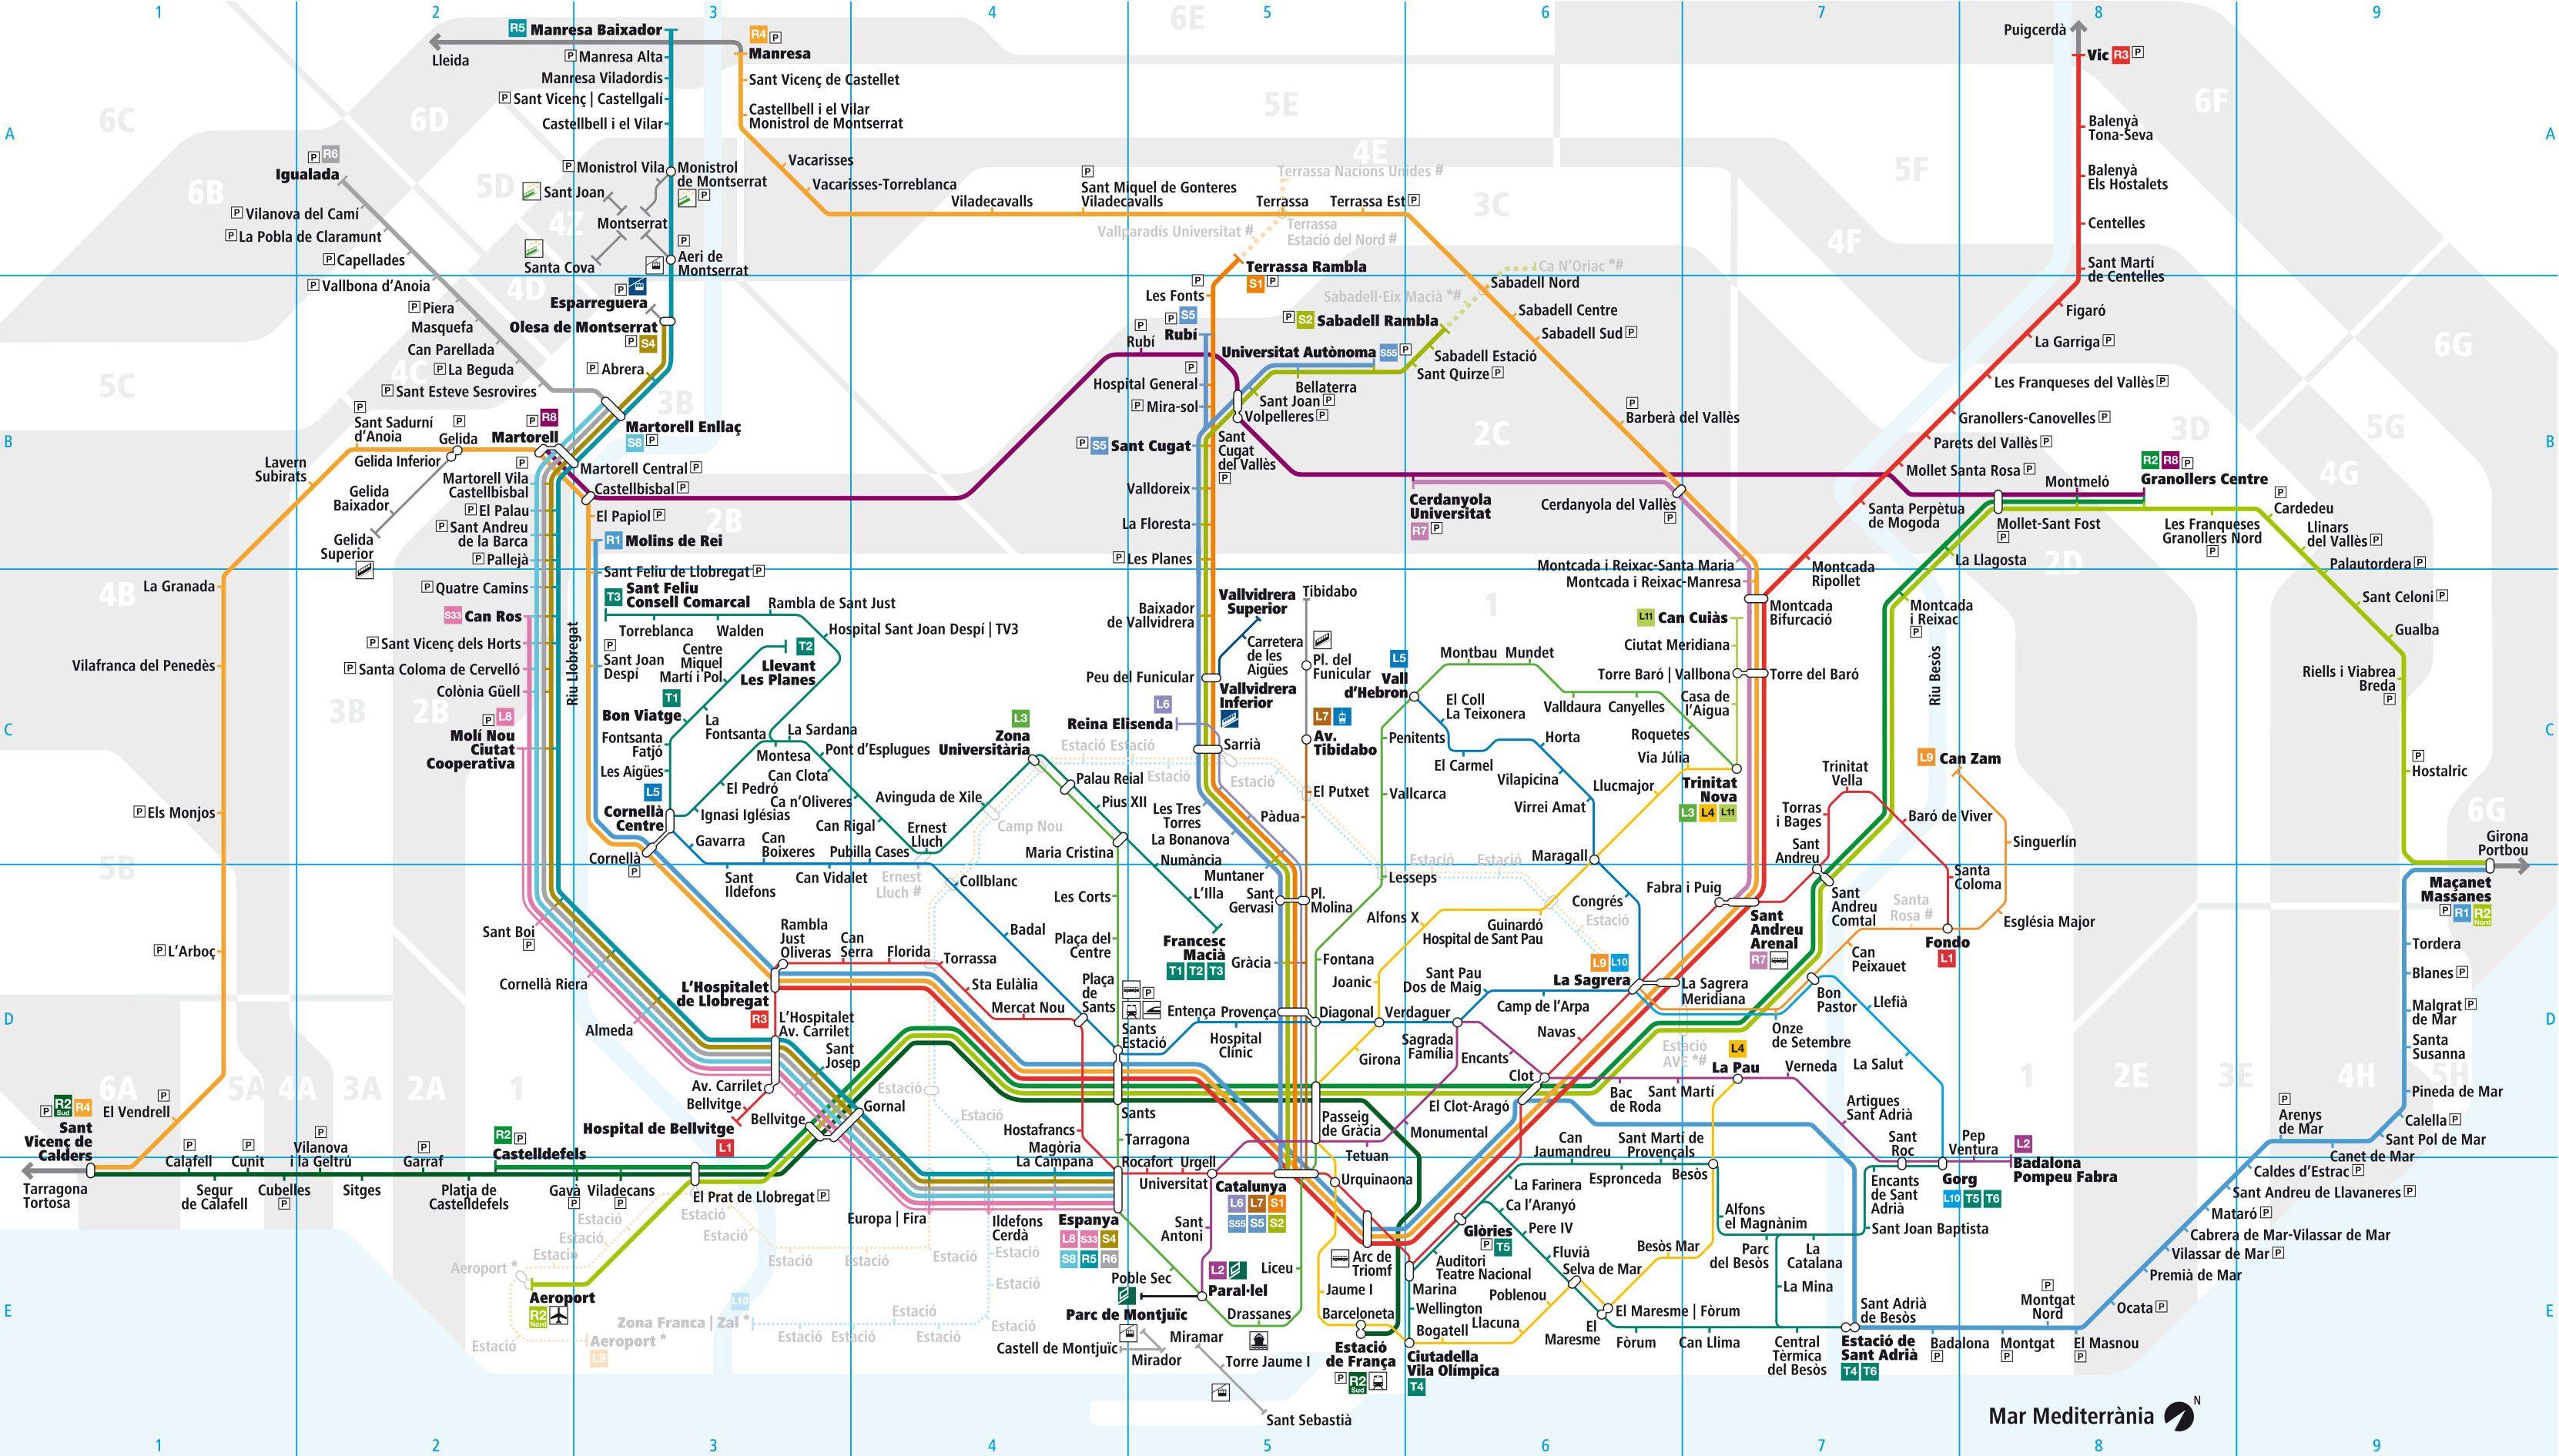 Plano De La Red De Tren Urbano Y Cercanias Rodalies De Barcelona